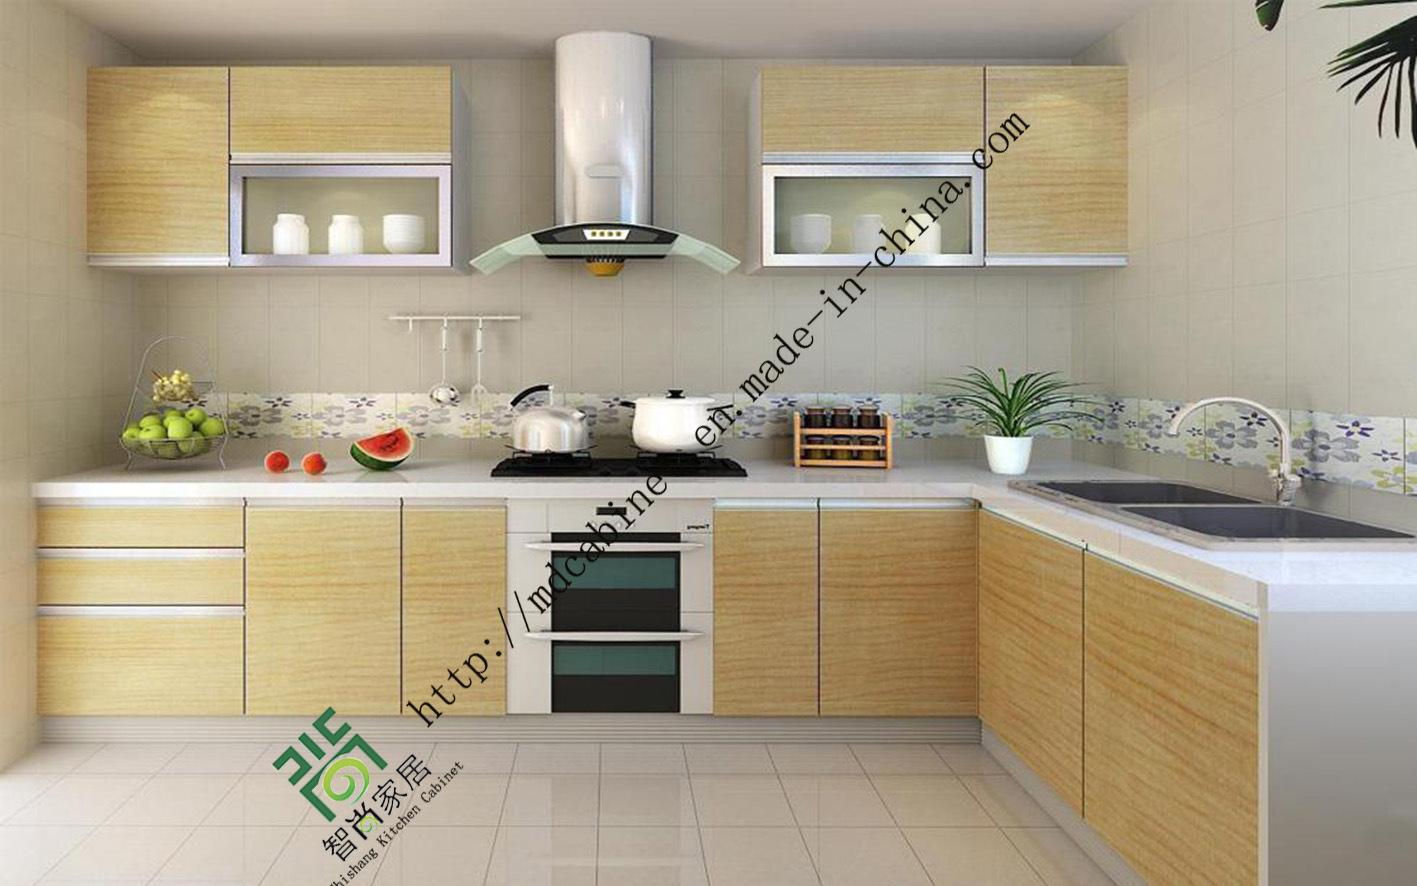 Foto De Gabinete De Cocina Ultravioleta Del Nuevo Dise O